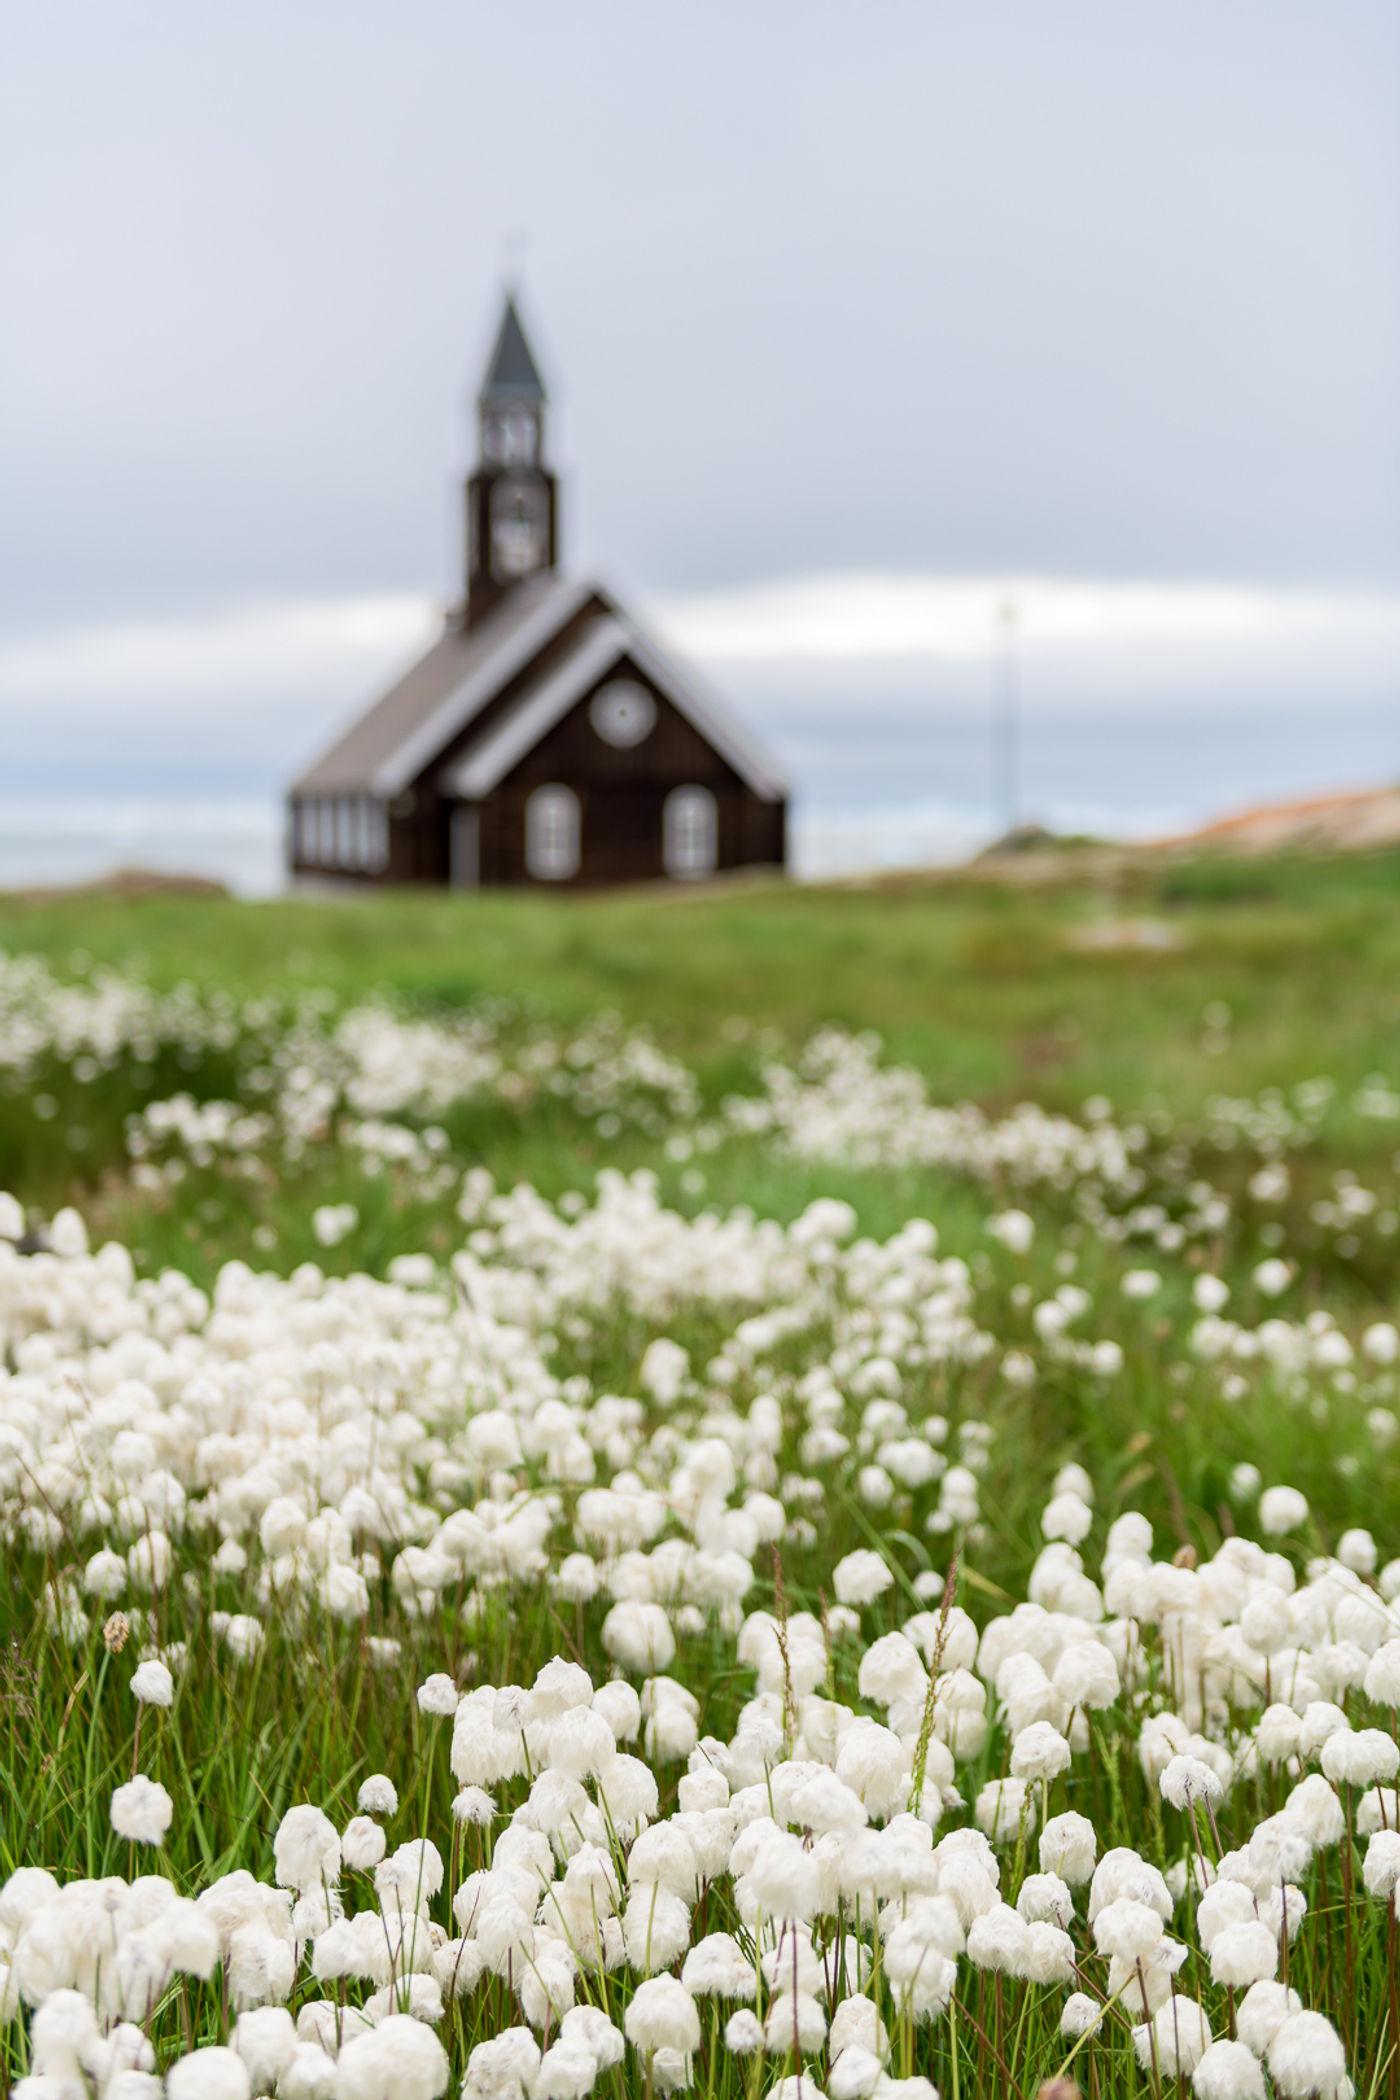 Een sfeerbeeld van de veenpluizen, met een typisch Groenlands kerkje op de achtergrond. © Bart Heirweg